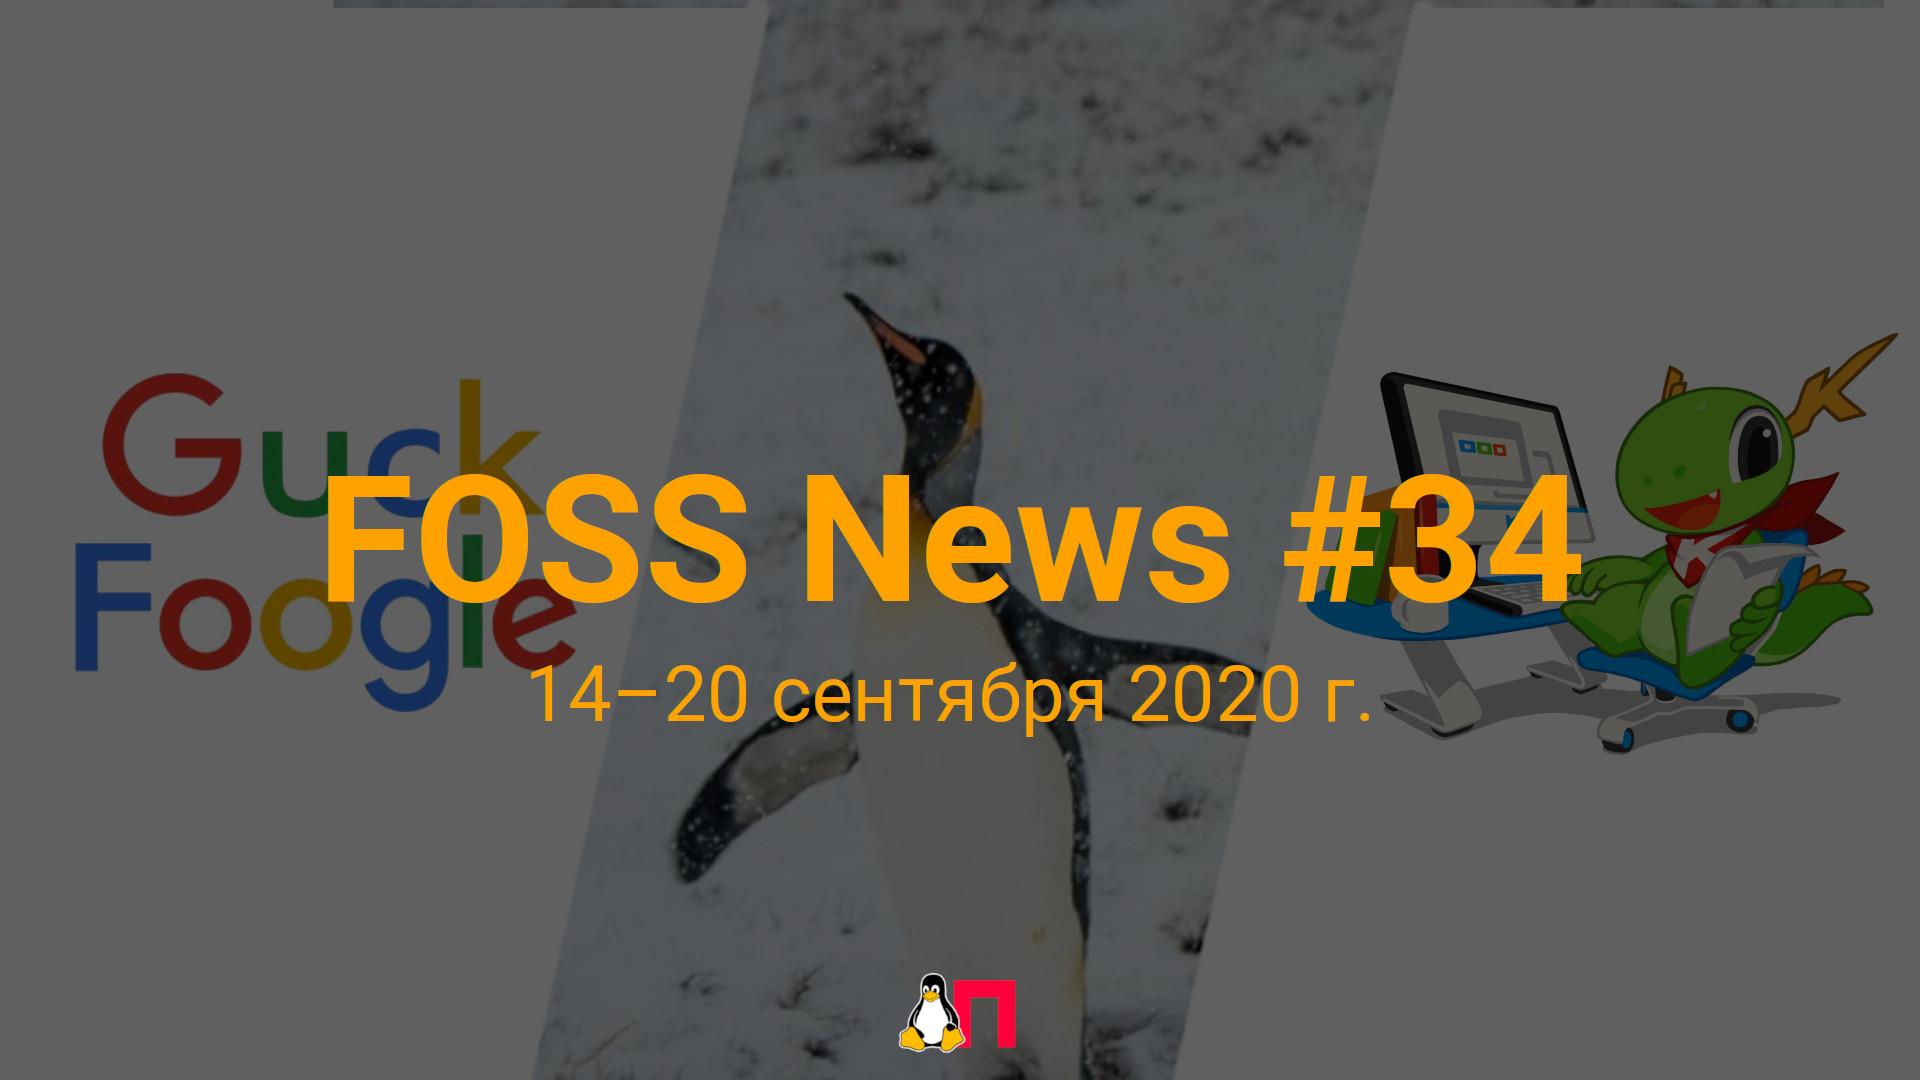 FOSS News 34  дайджест новостей свободного и открытого ПО за 14-20 сентября 2020 года